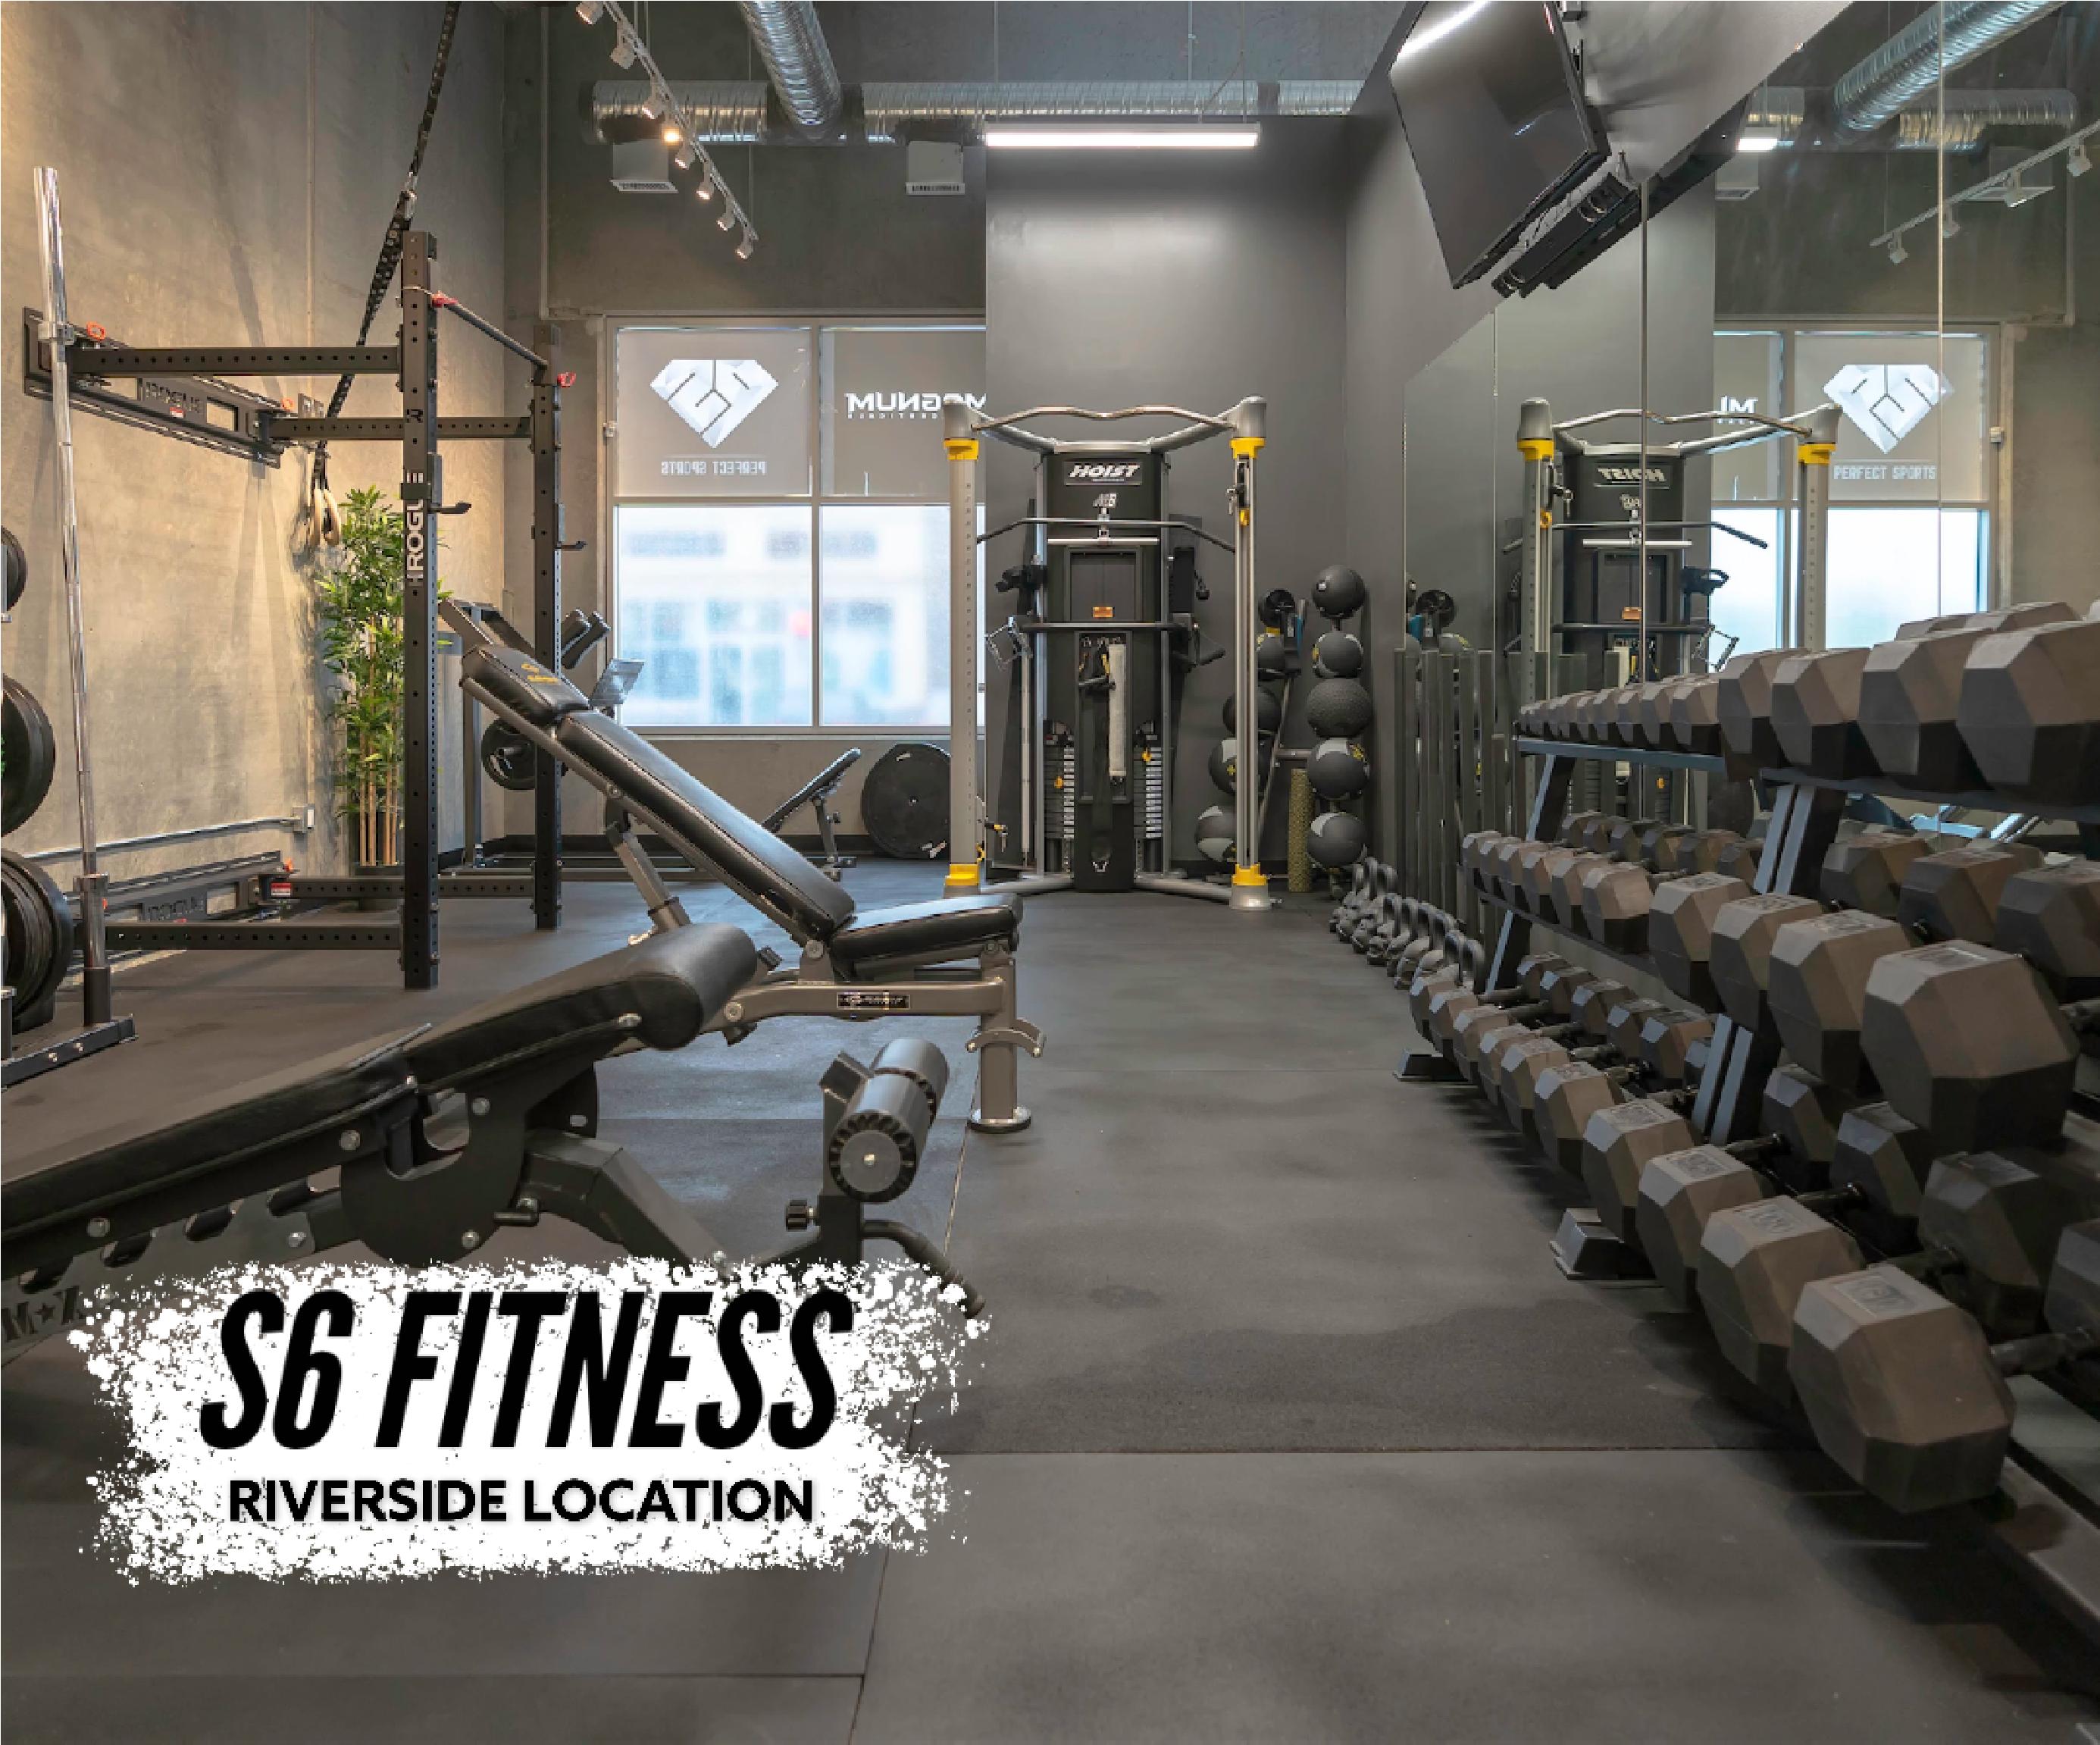 60 min Private Facility Rental $25 + GST